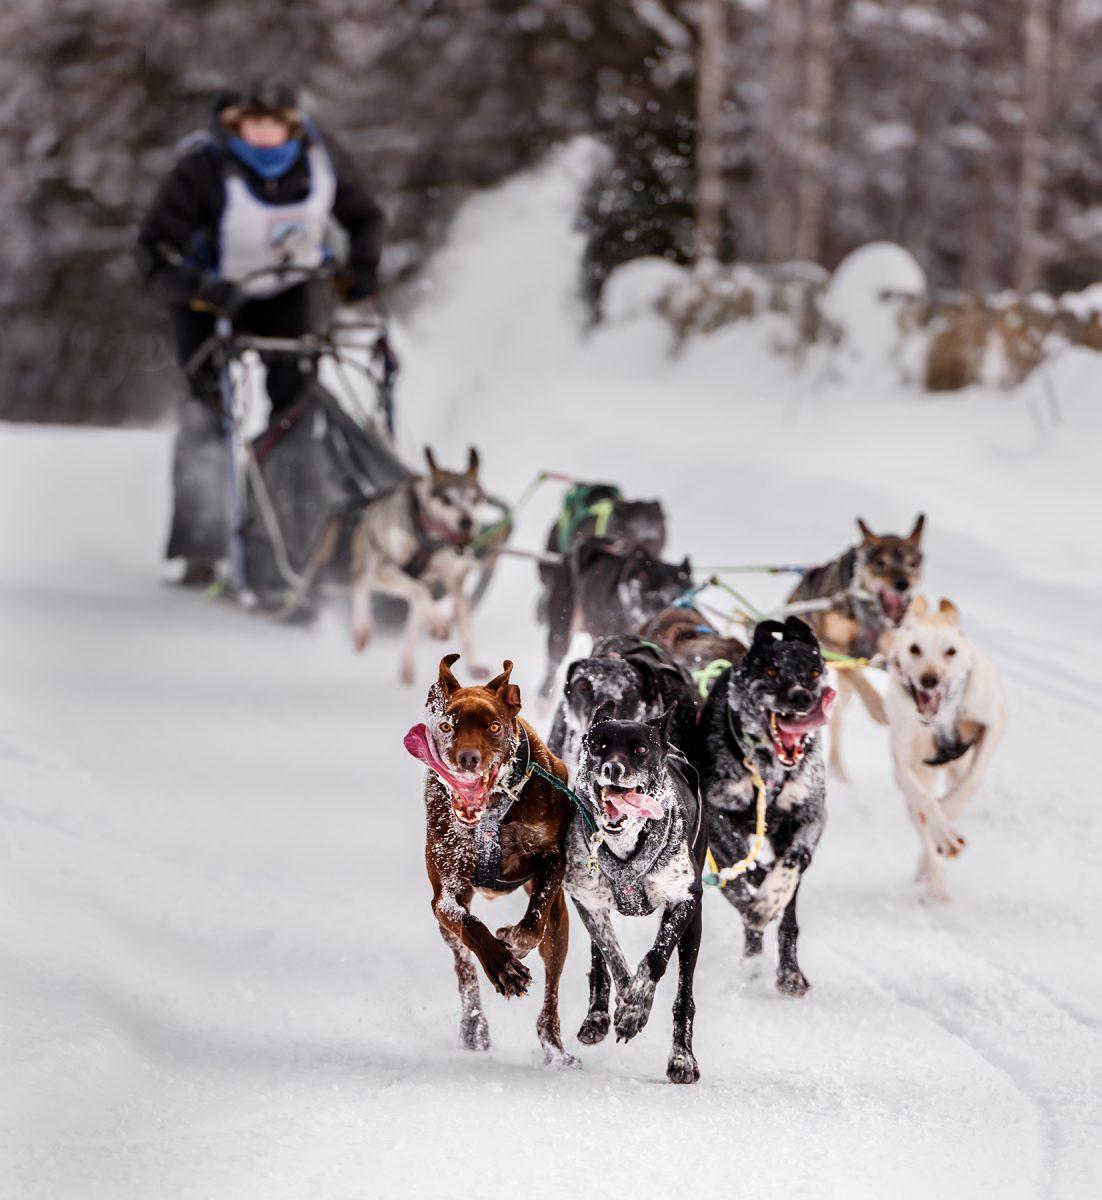 1st - Osia Strasner - Alaska Sled Dogs